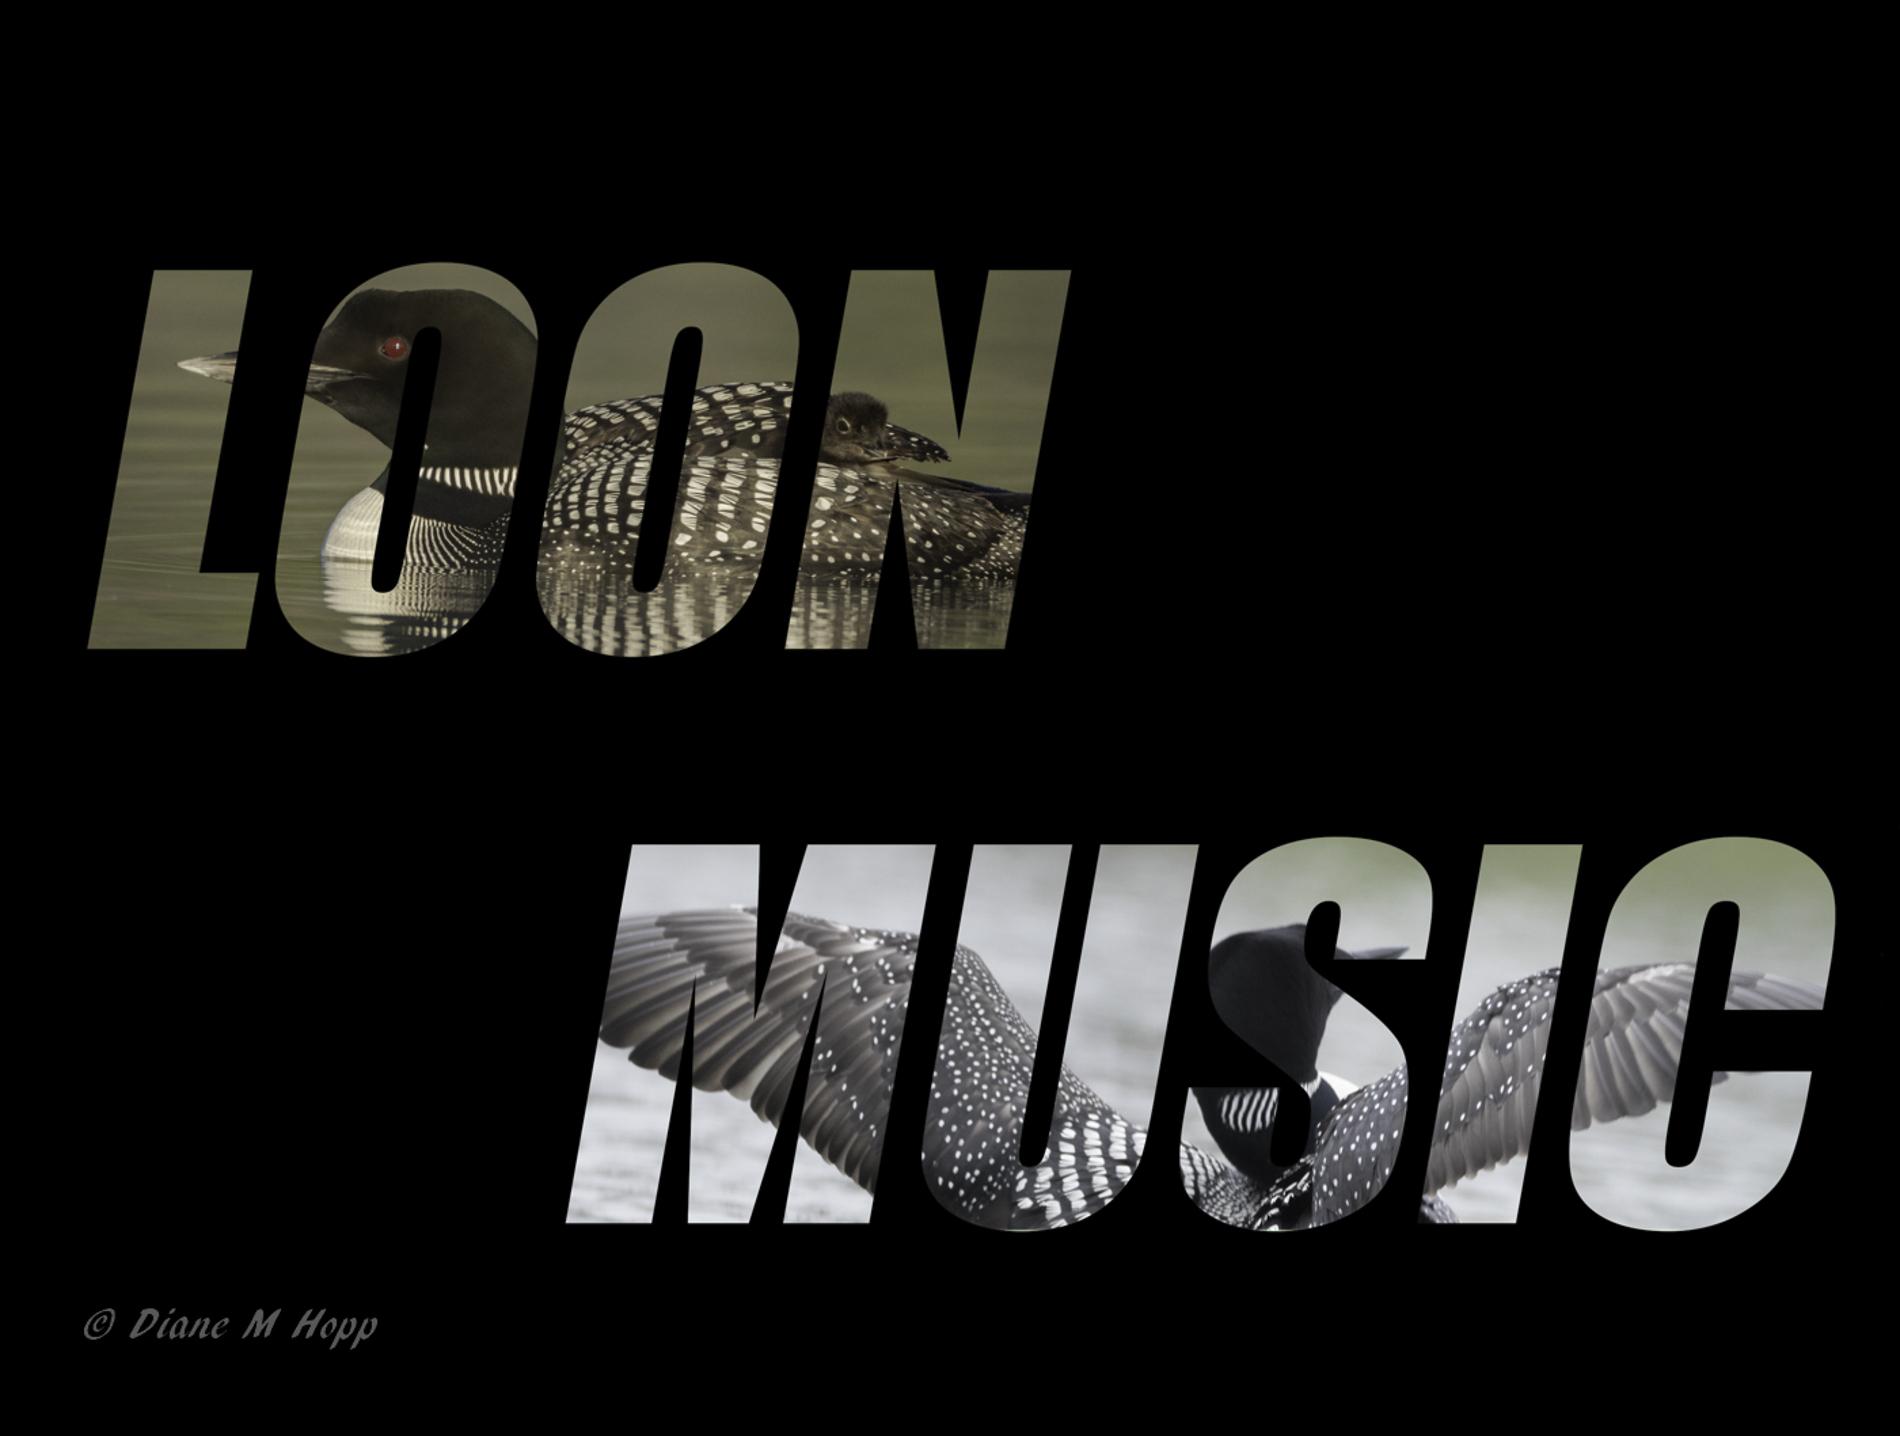 Loon Music